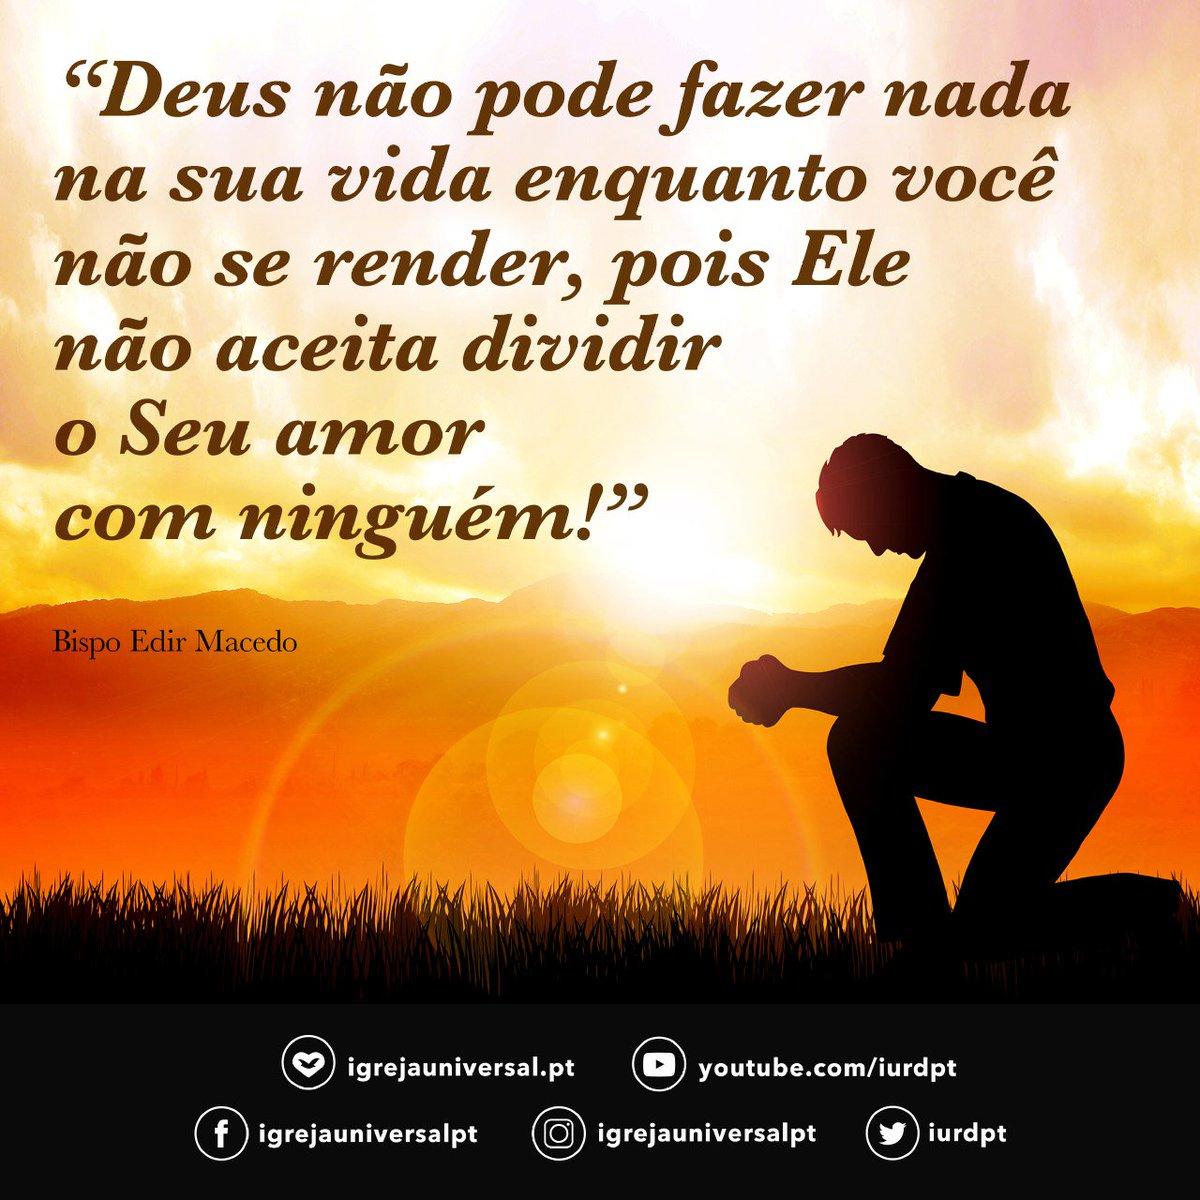 61899db811c Igreja Universal - Portugal on Twitter